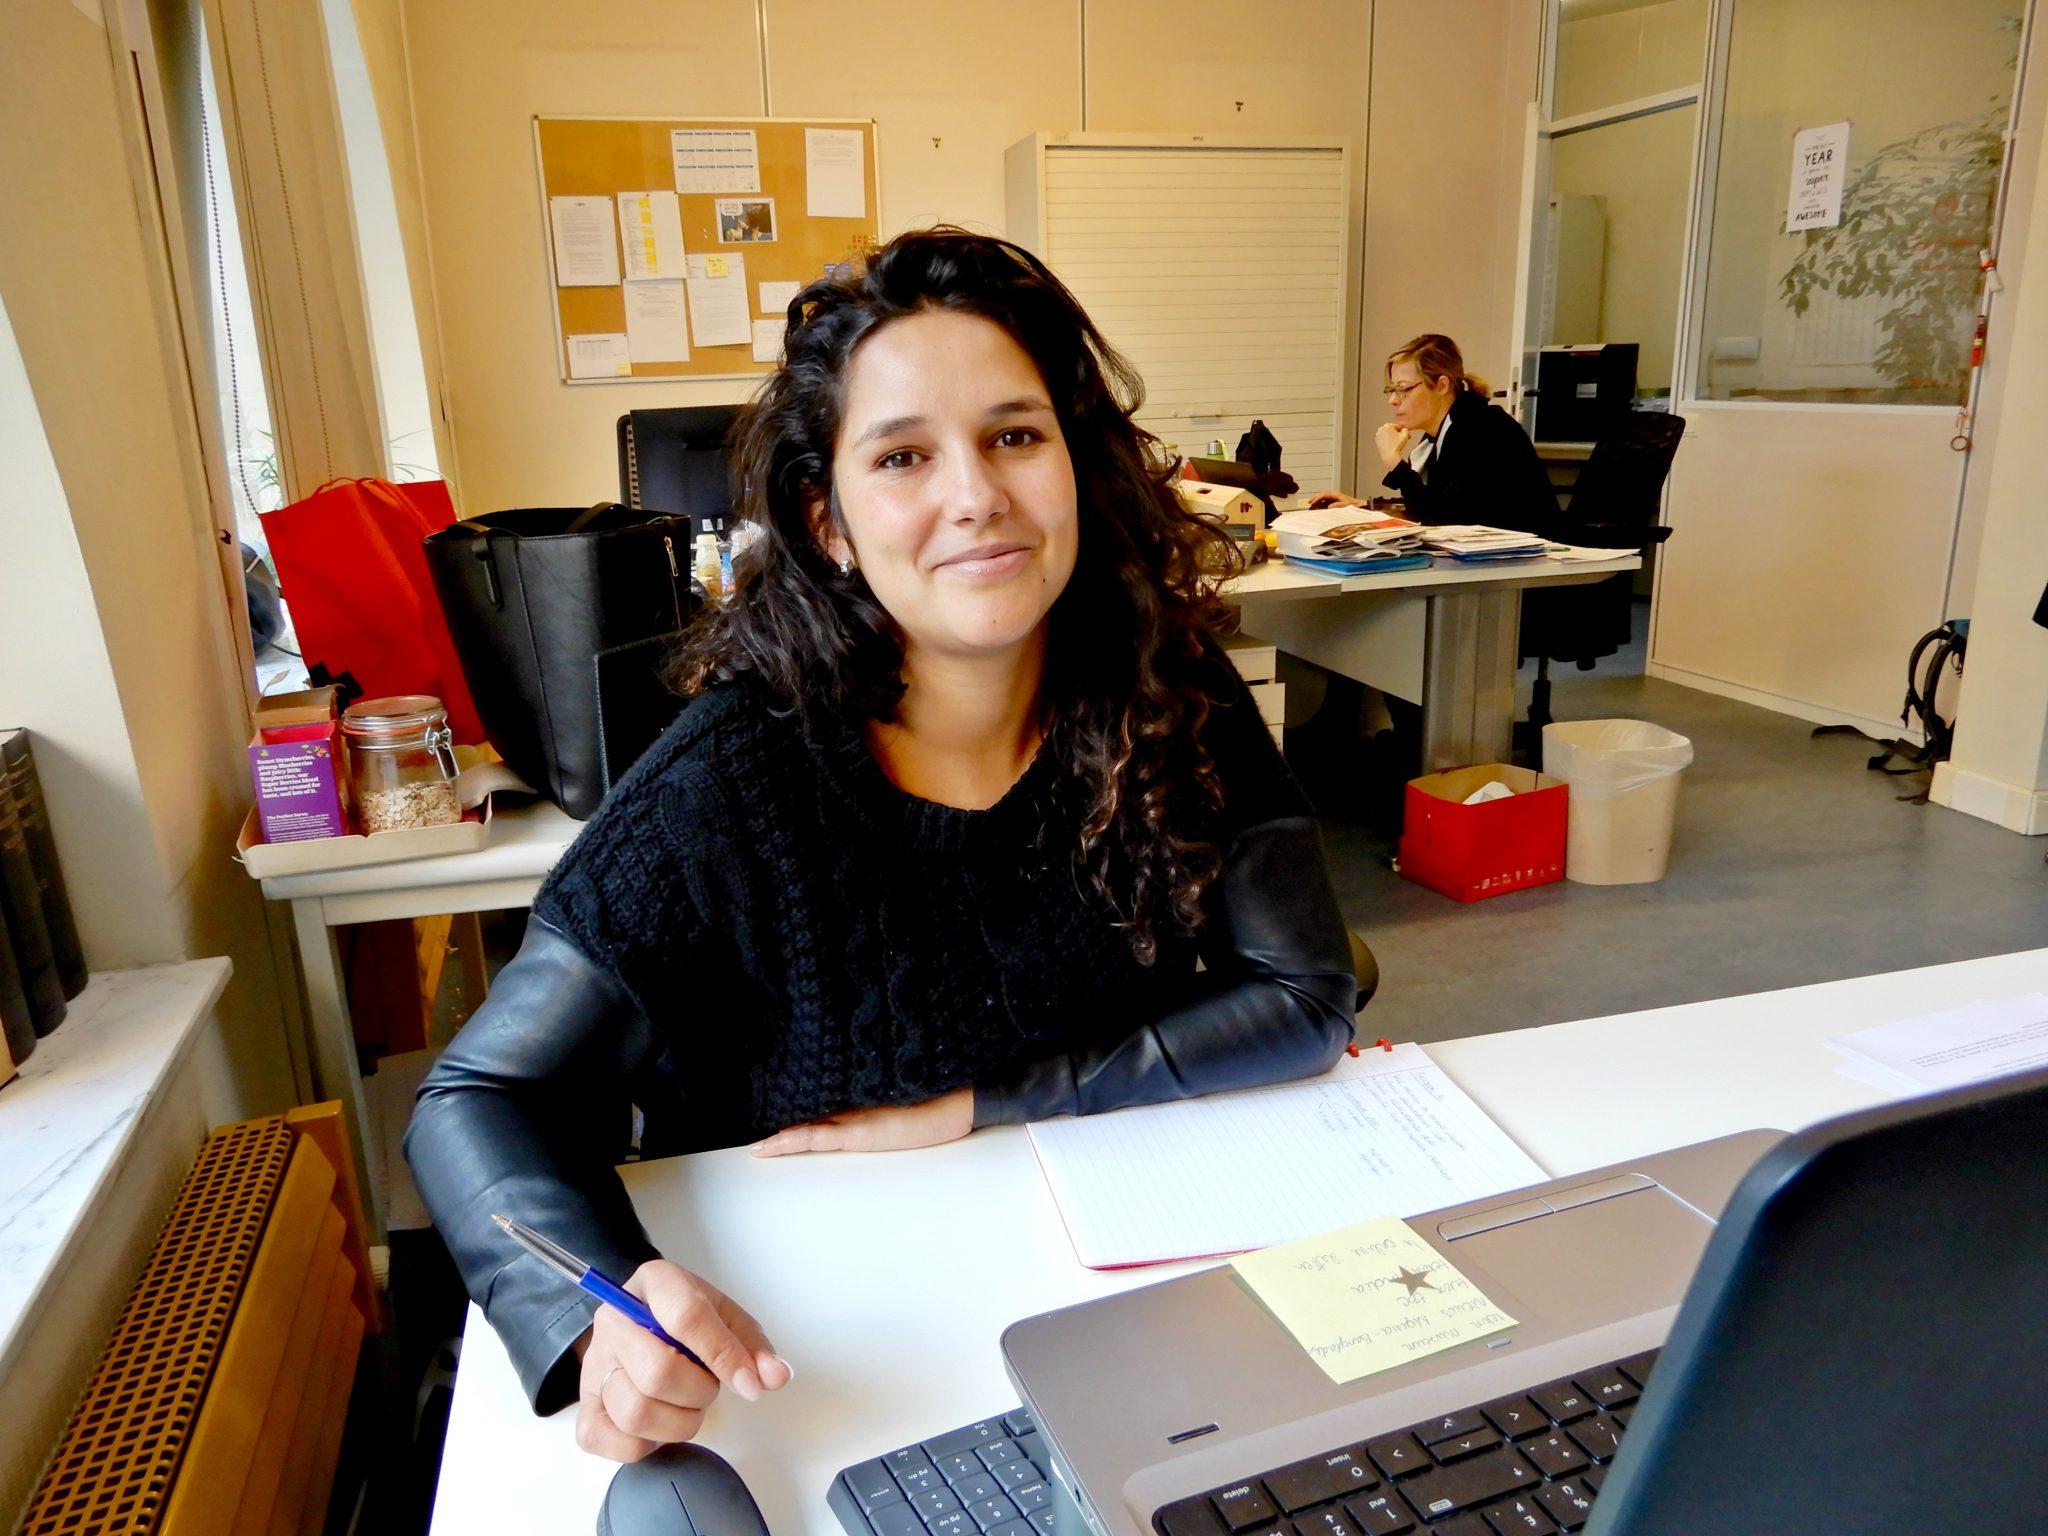 Shannah is redactrice bij een ngo